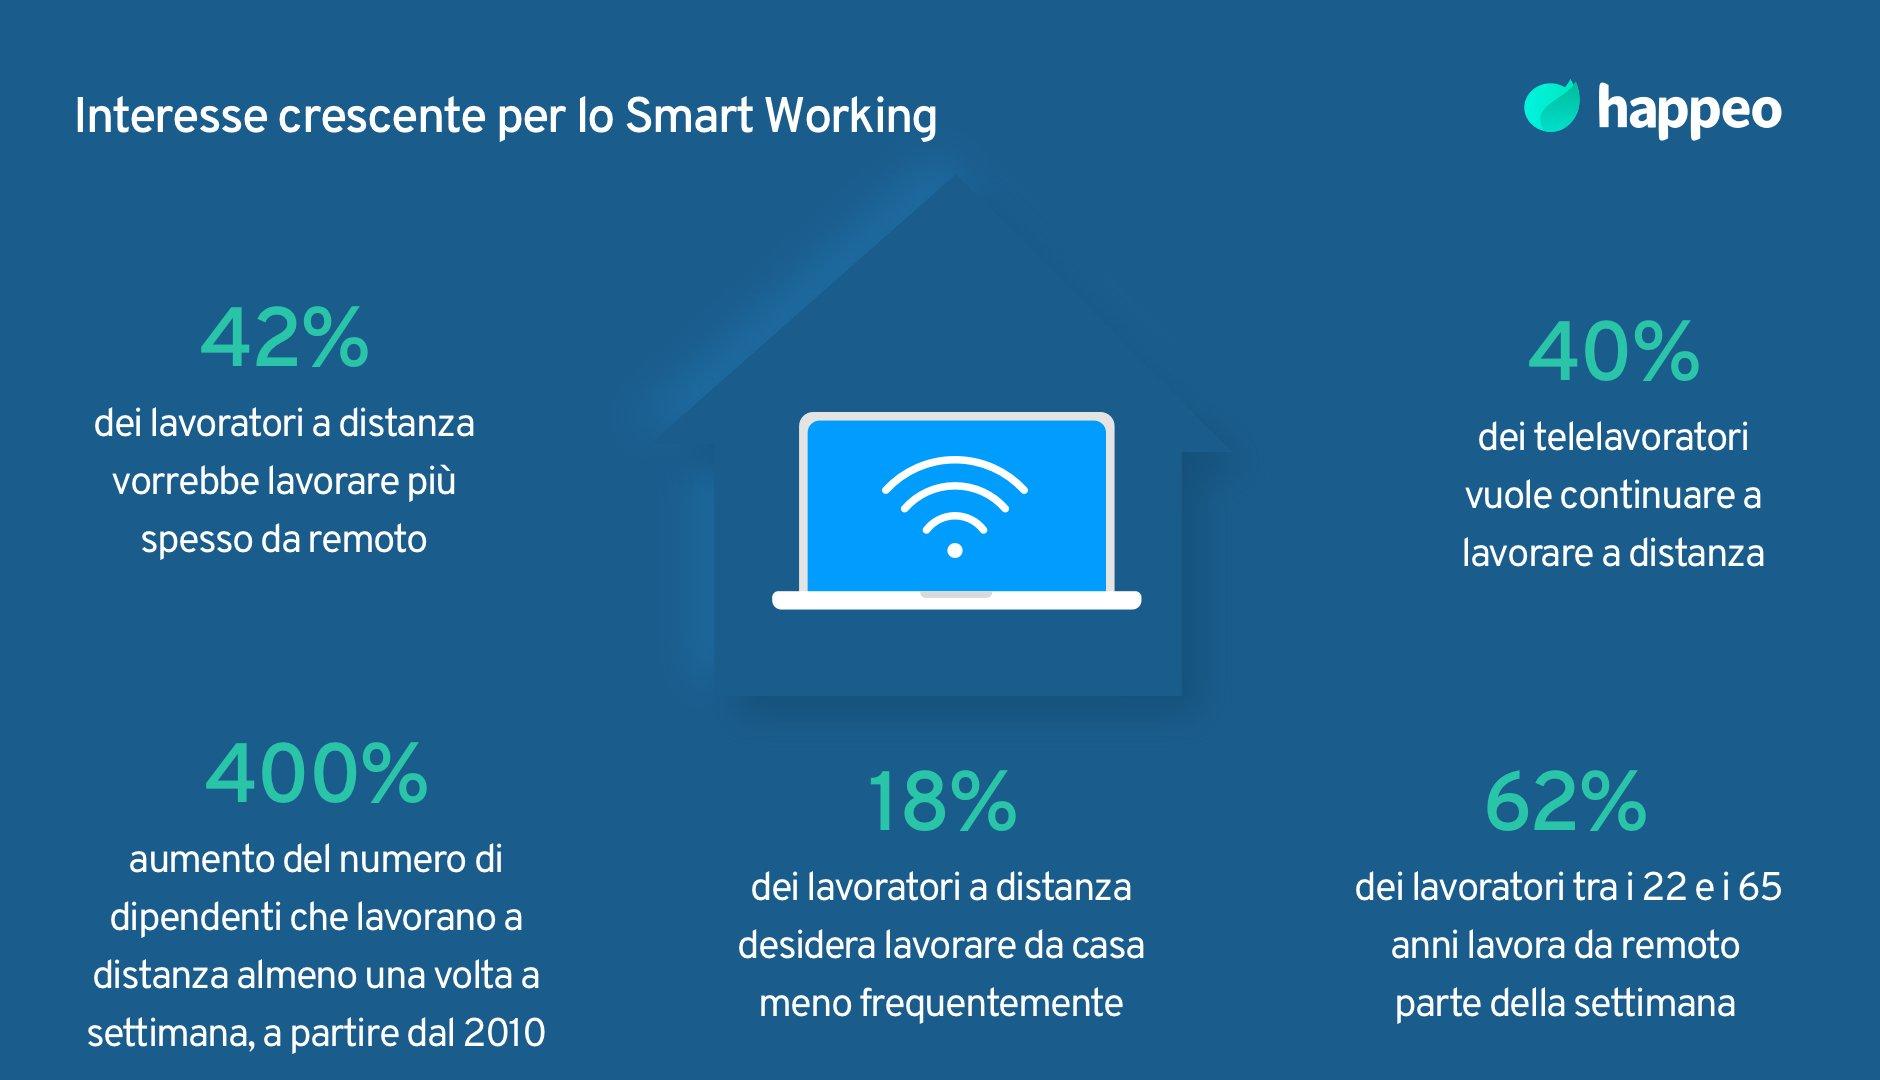 Crescente interesse per lo Smart Working